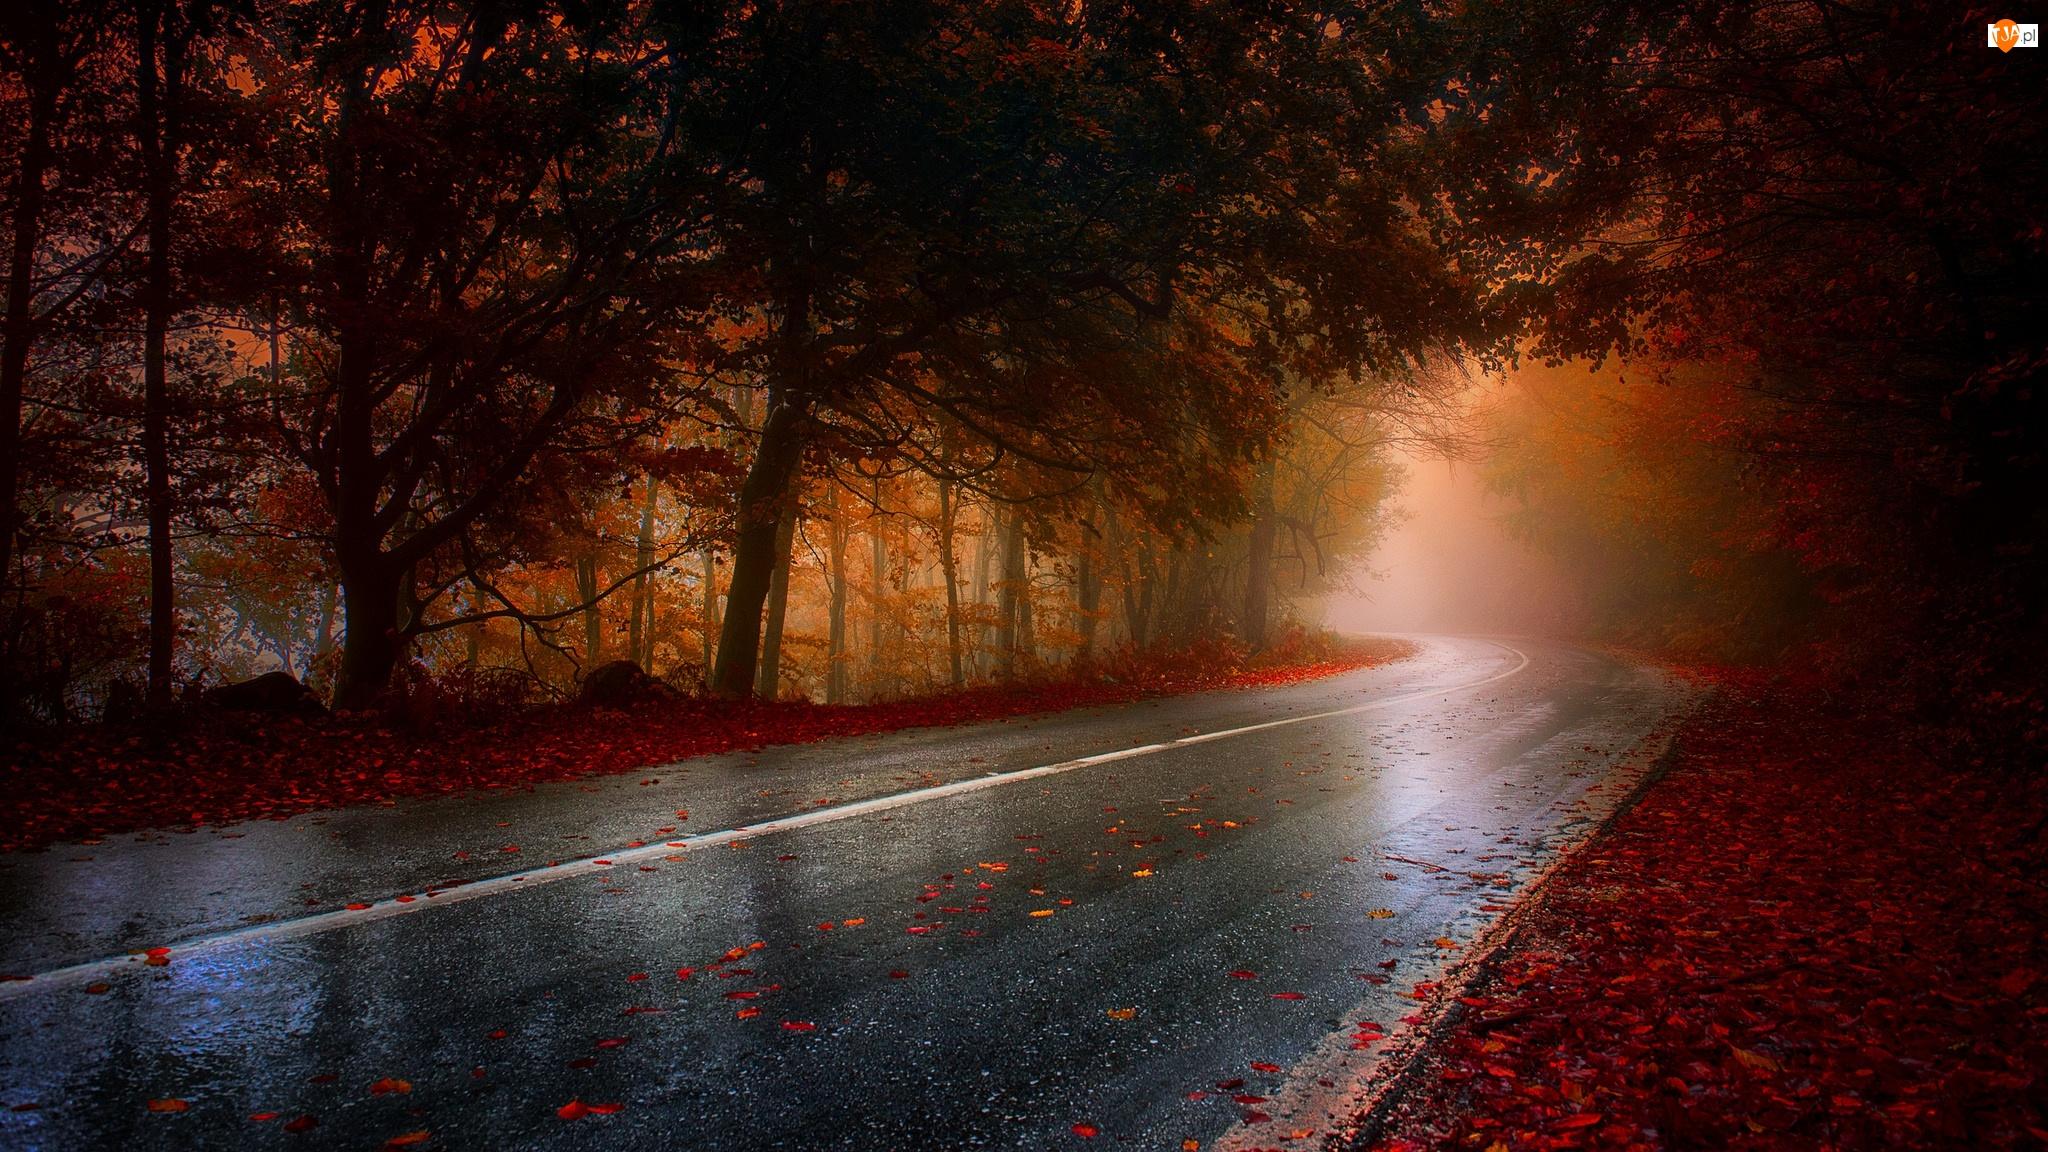 Jesień, Droga, Drzewa, Las, Mgła